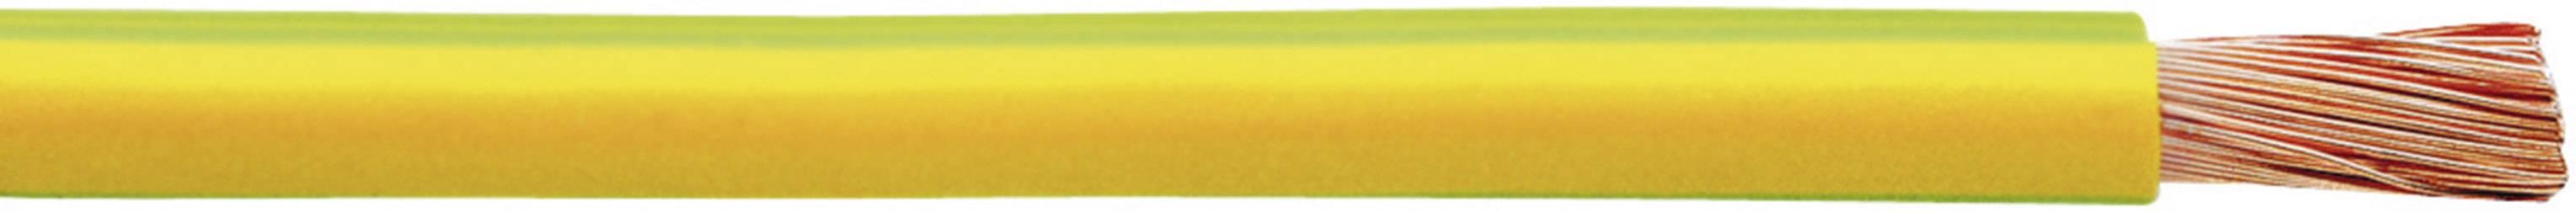 Opletenie / lanko Faber Kabel 040068 H07V-K, 1 x 50 mm², vonkajší Ø 11.60 mm, metrový tovar, zelenožltá